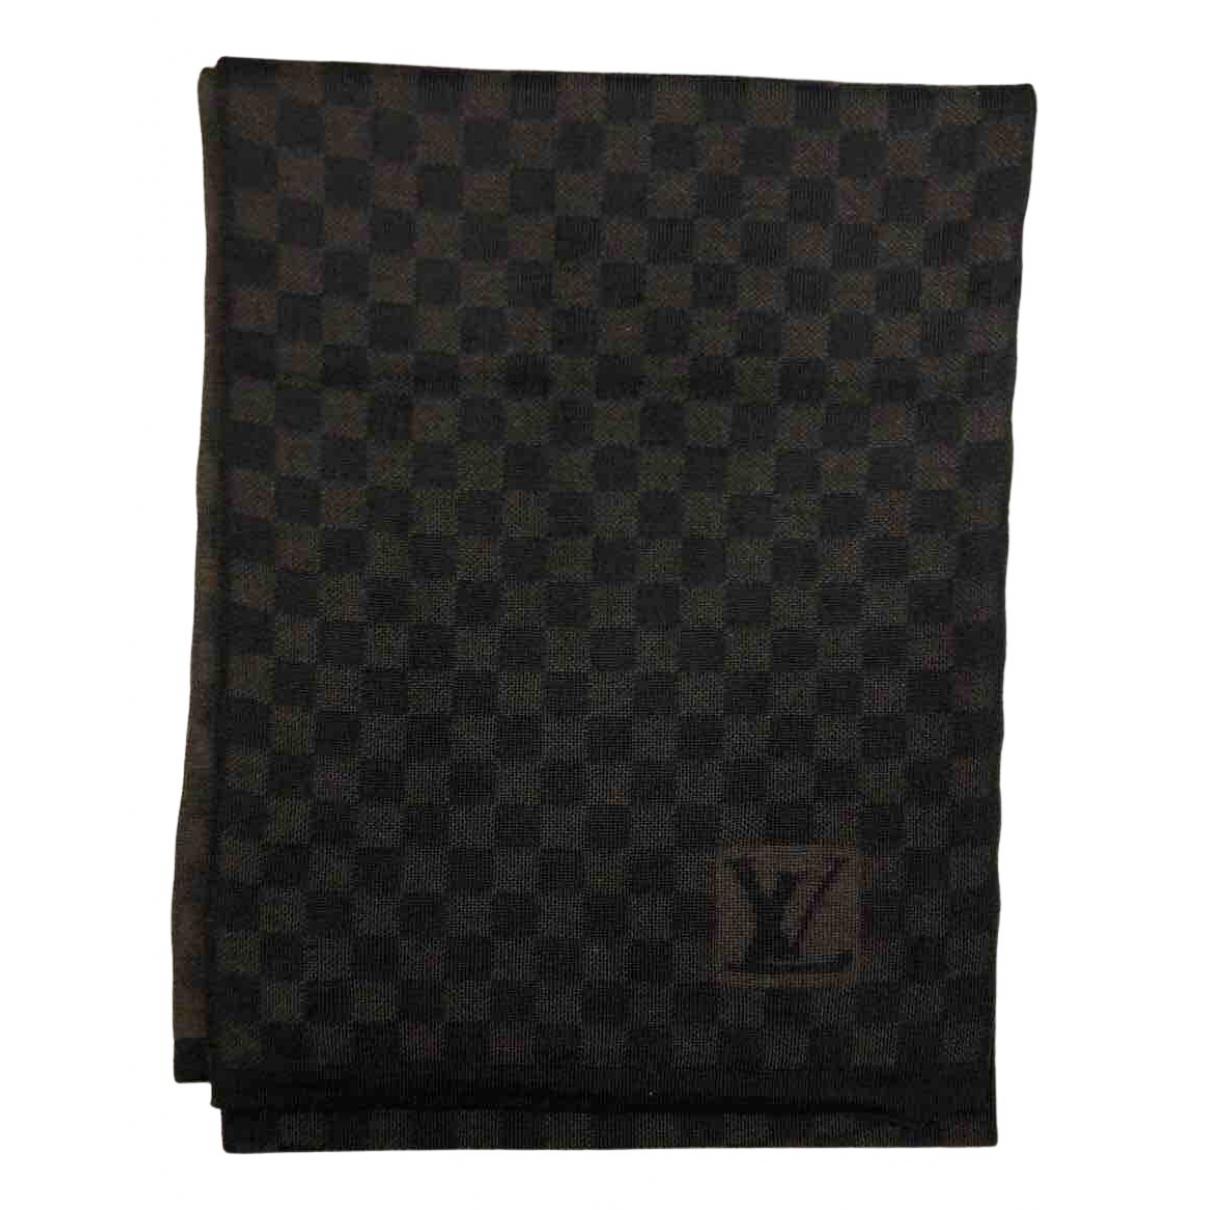 Louis Vuitton - Cheches.Echarpes   pour homme en laine - marron